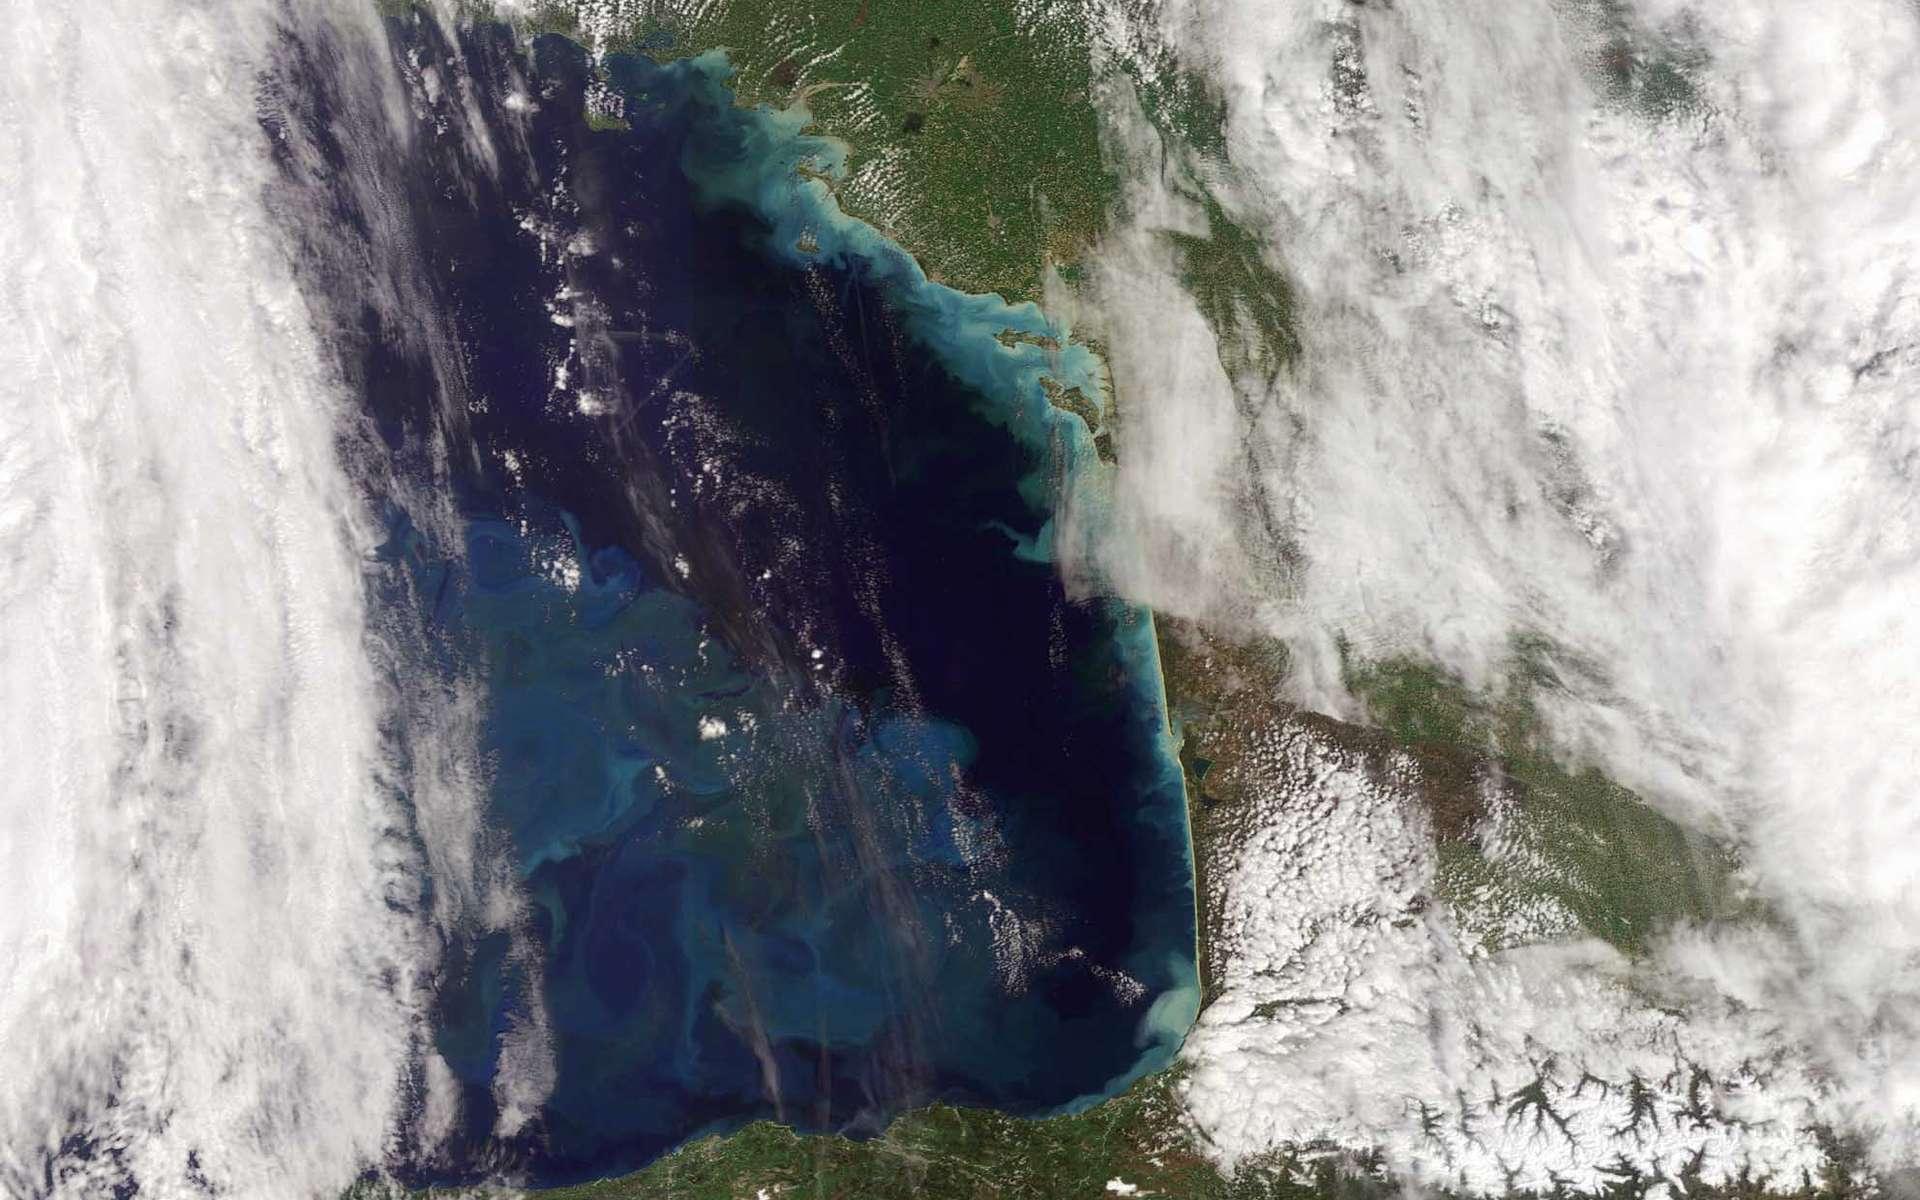 Cette image prise par Envisat montre l'efflorescence du phytoplancton dans le Golfe de Gascogne. Extension de l'Océan Atlantique Nord, ce golfe est bordé à l'Est par la côte ouest de la France (de la Bretagne à l'Aquitaine) et au Sud par la côte nord de l'Espagne (de la Galice au Pays Basque). Prise par la caméra Meris le 13 avril 2009, elle permet de distinguer des détails de 300 m au niveau du sol. Source Esa